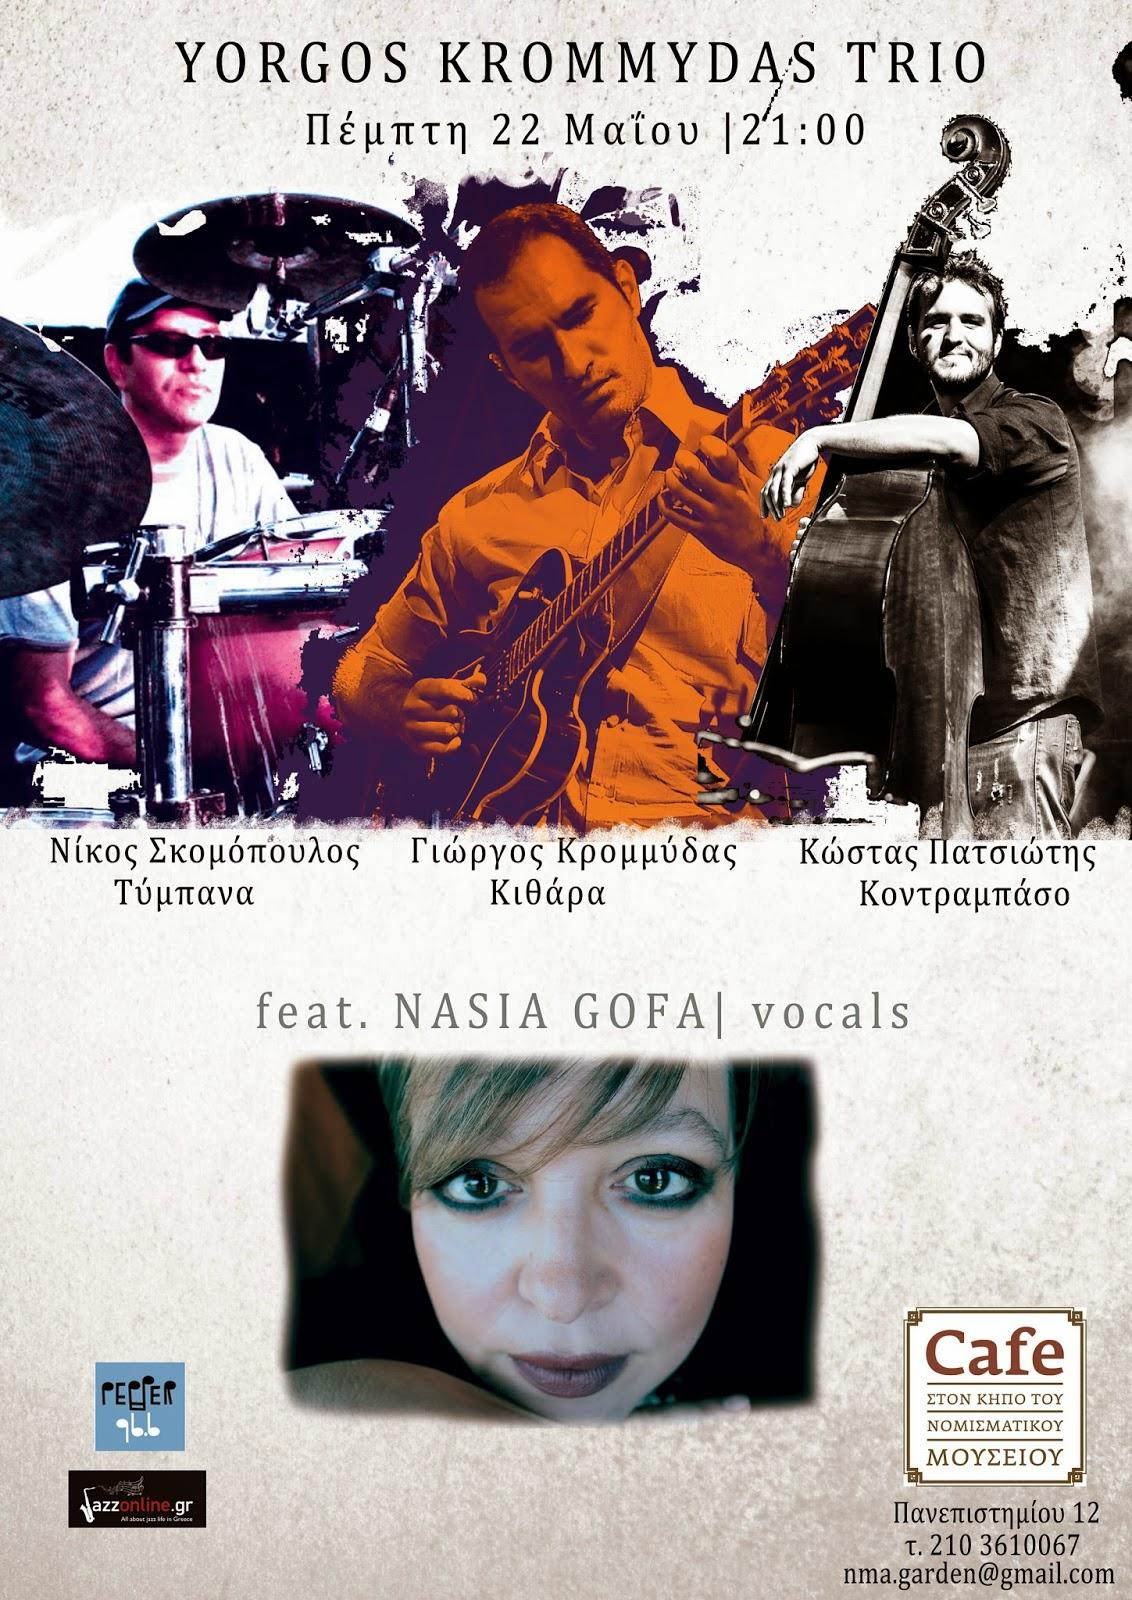 yorgos-krommydas-trio-feat-nasia-gofa-22-maiou-2014